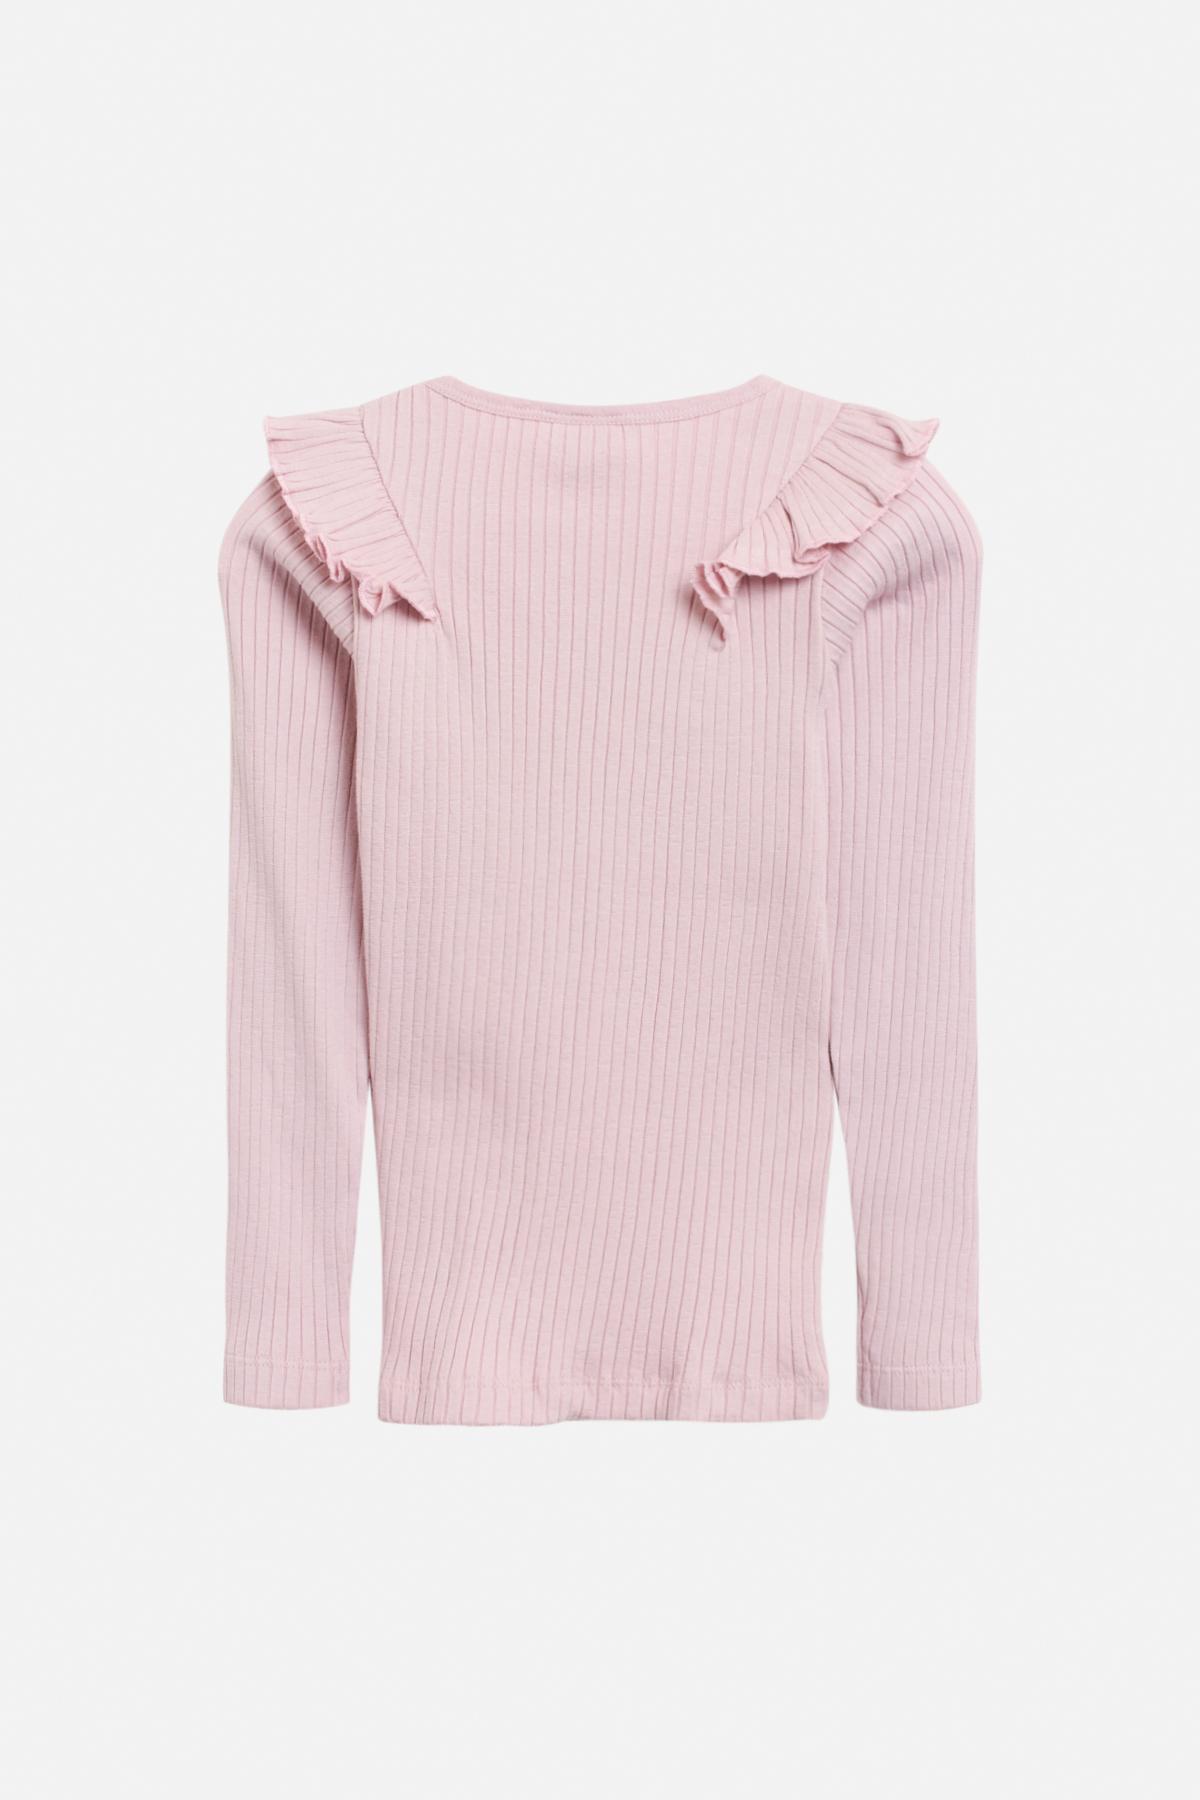 Girl - Adalena - T-shirt L/S